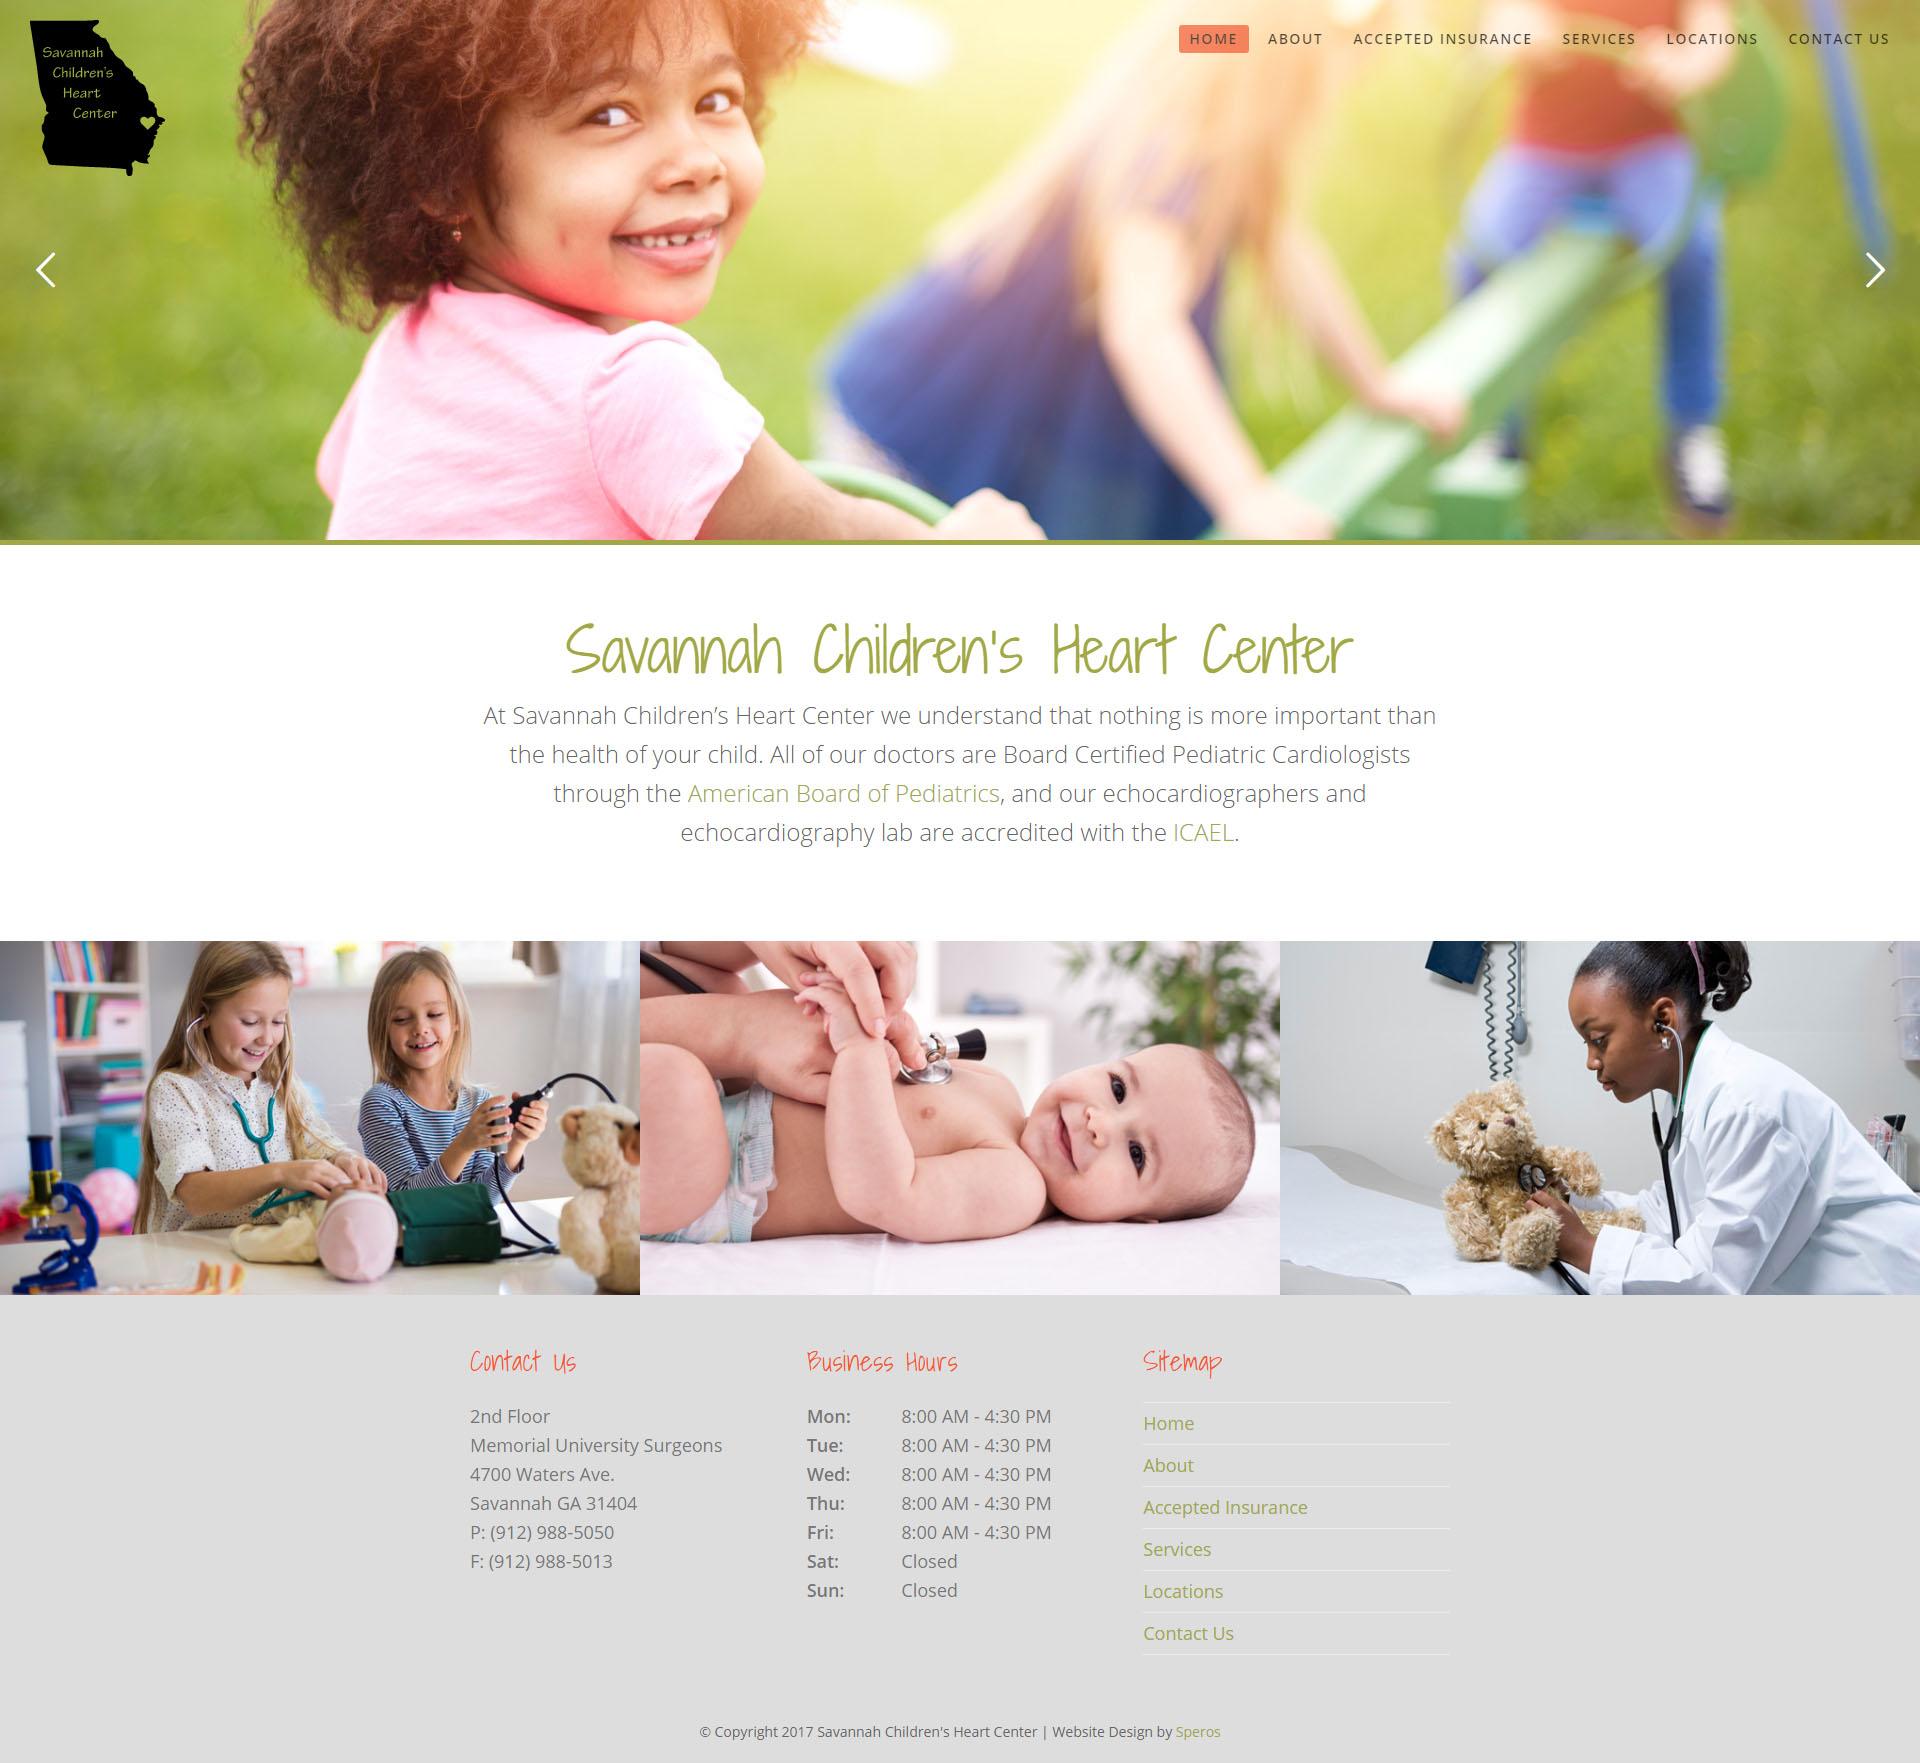 Savannah Children's Heart Center Website Homepage